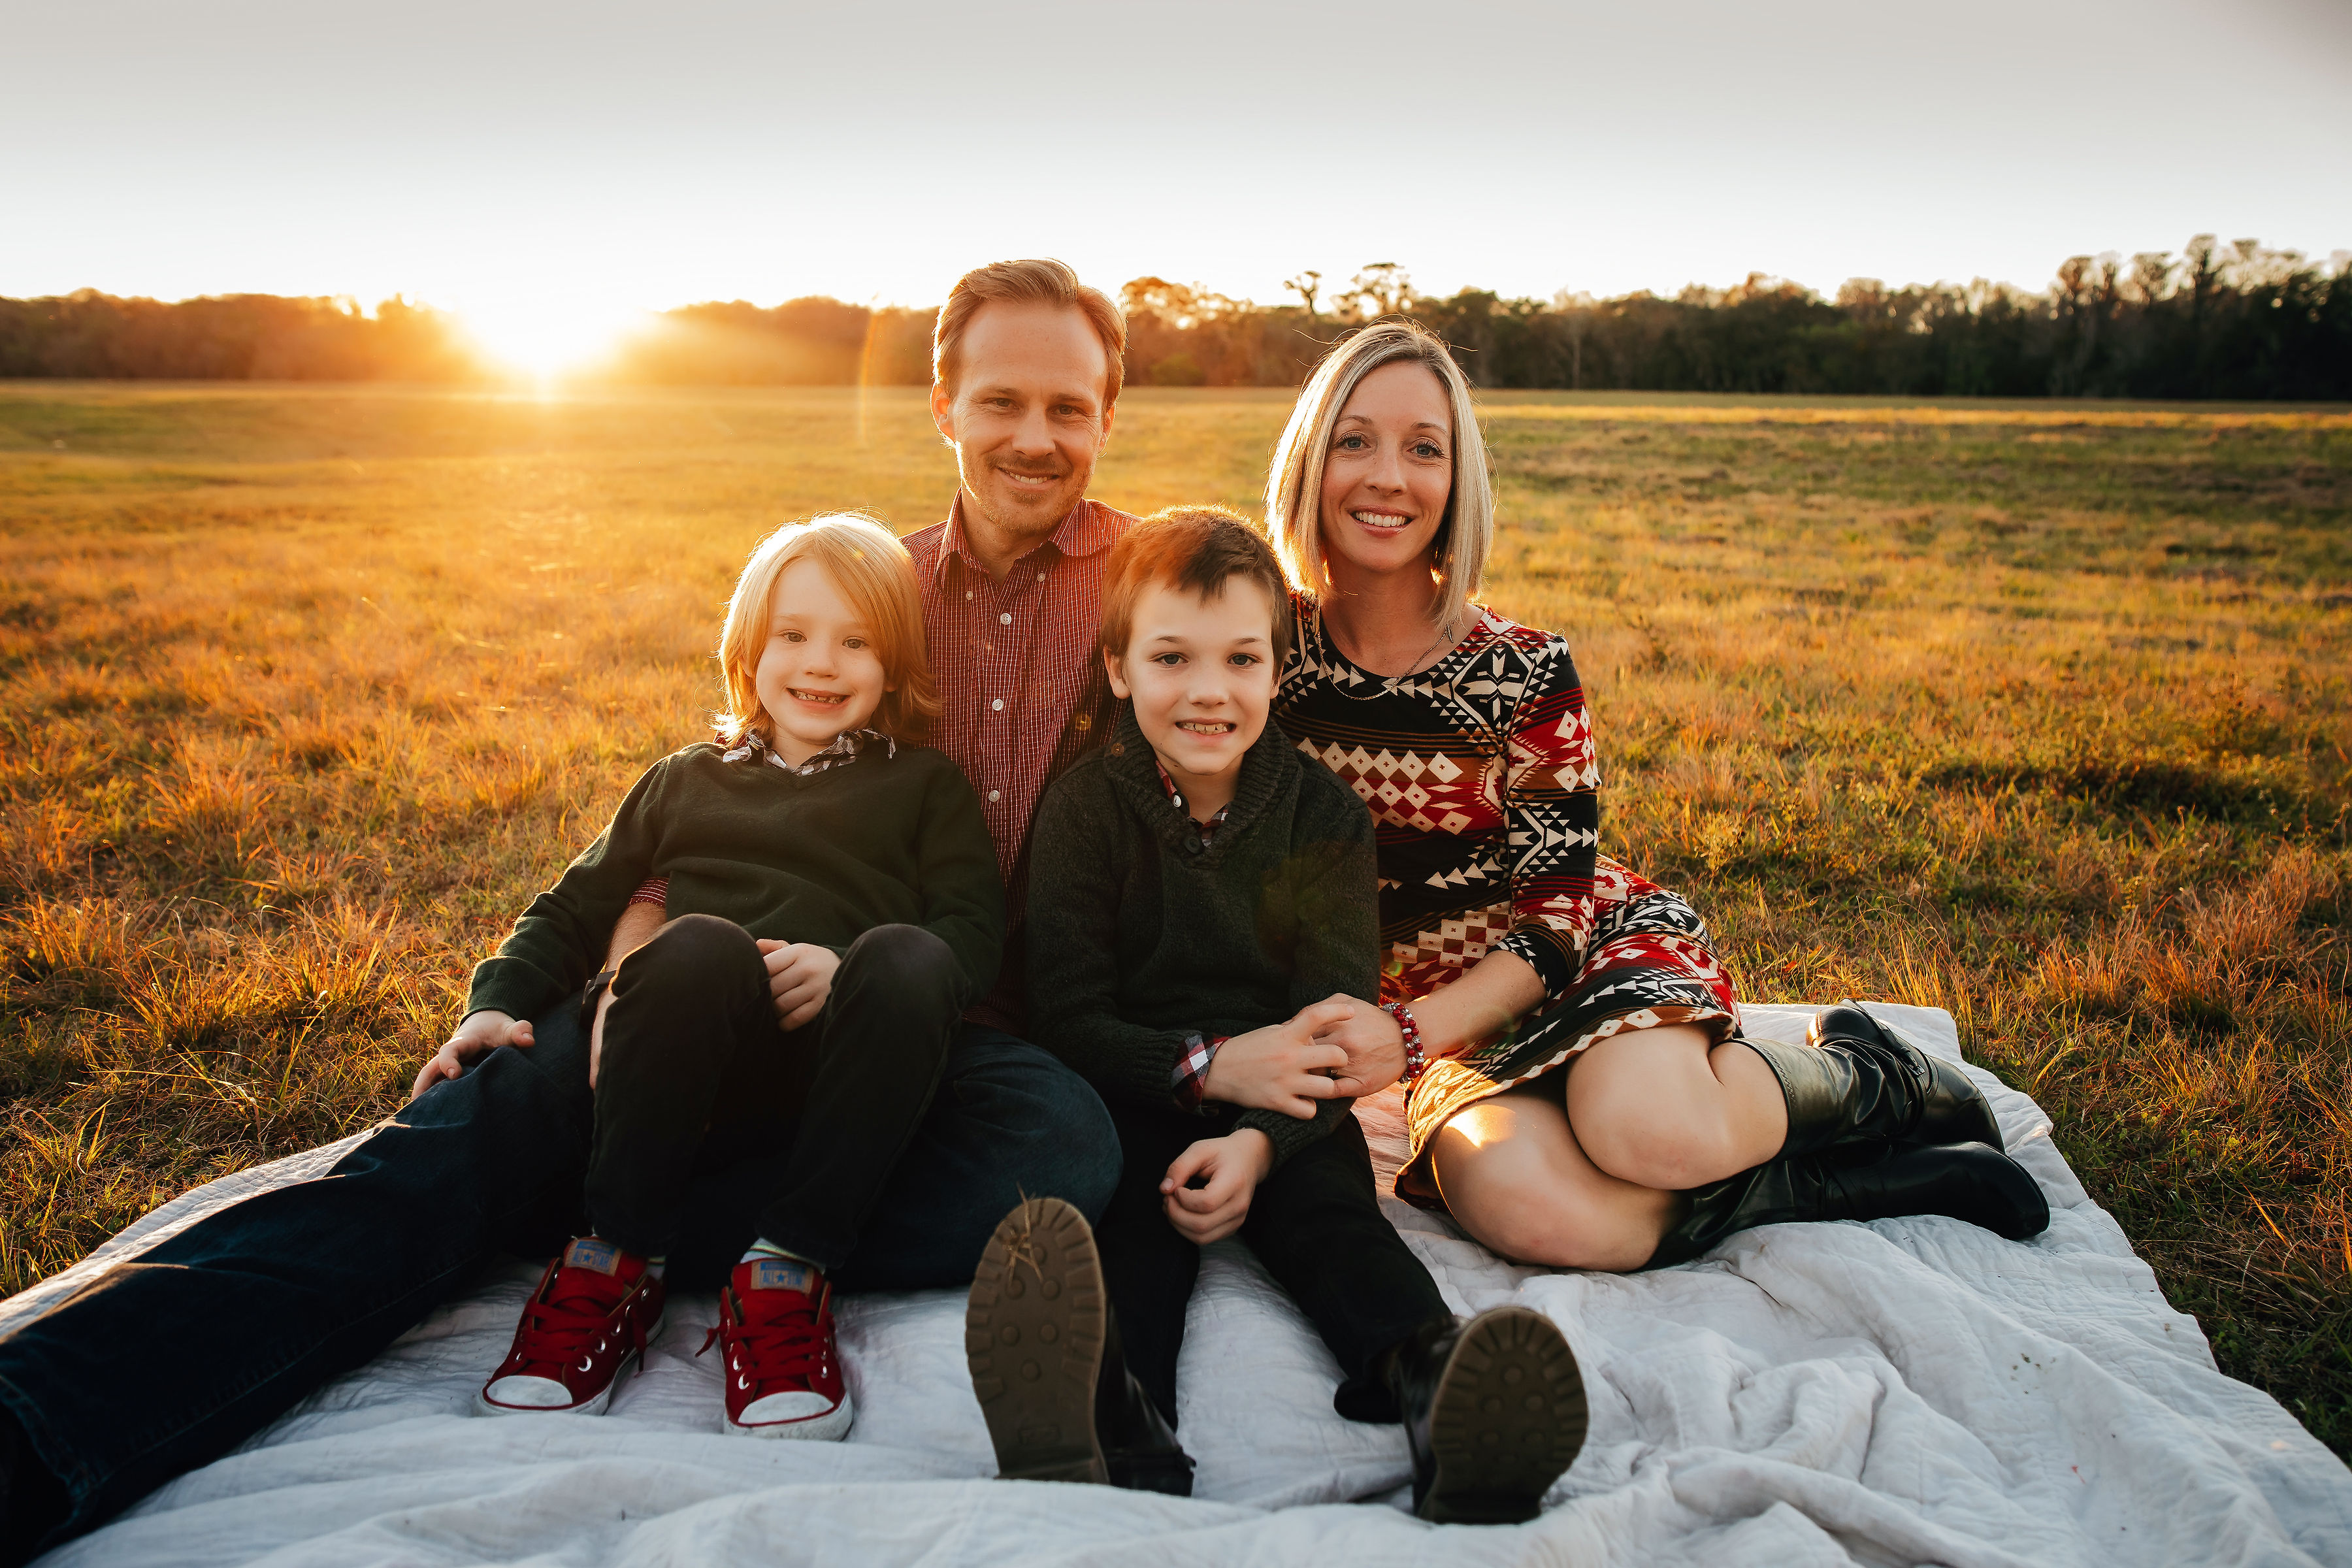 westchase family photography